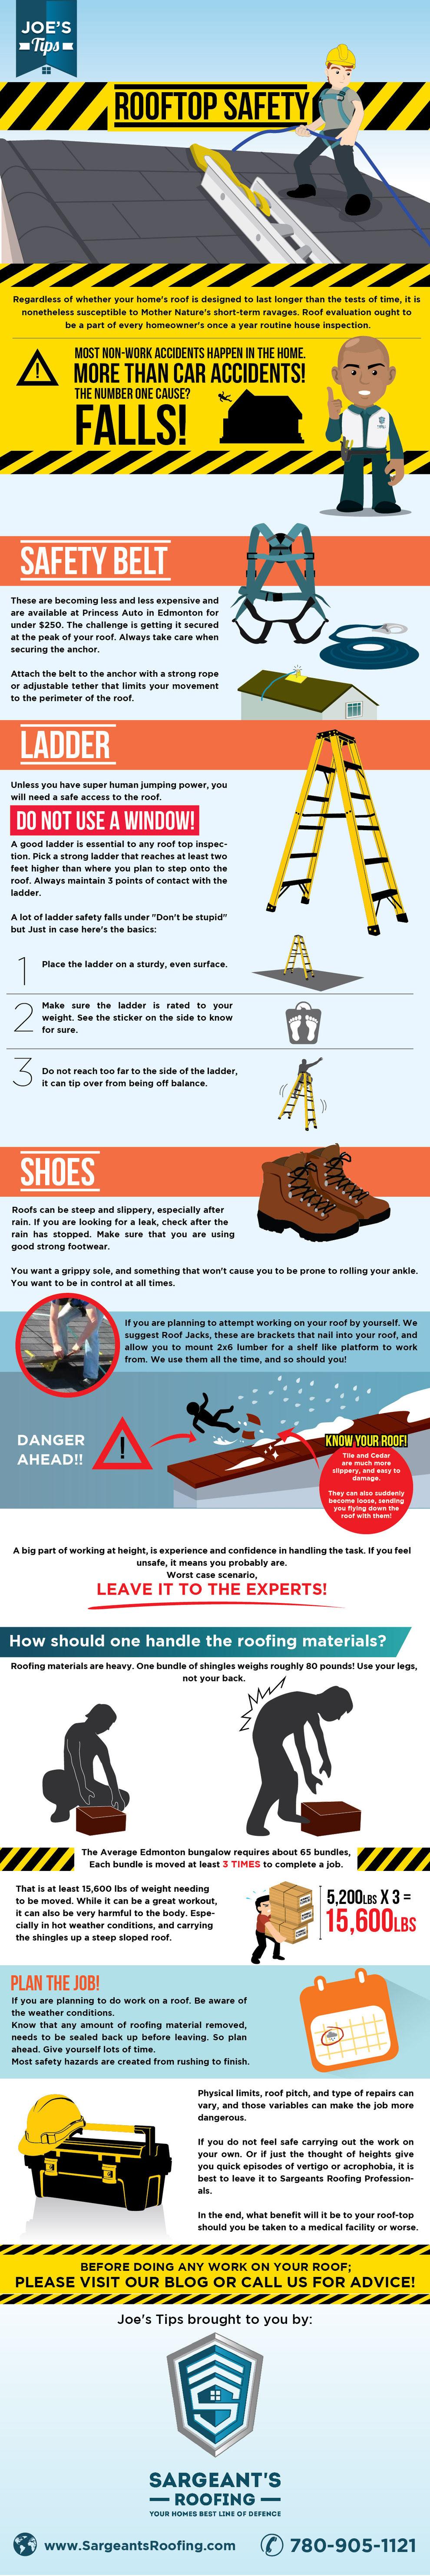 infographic4